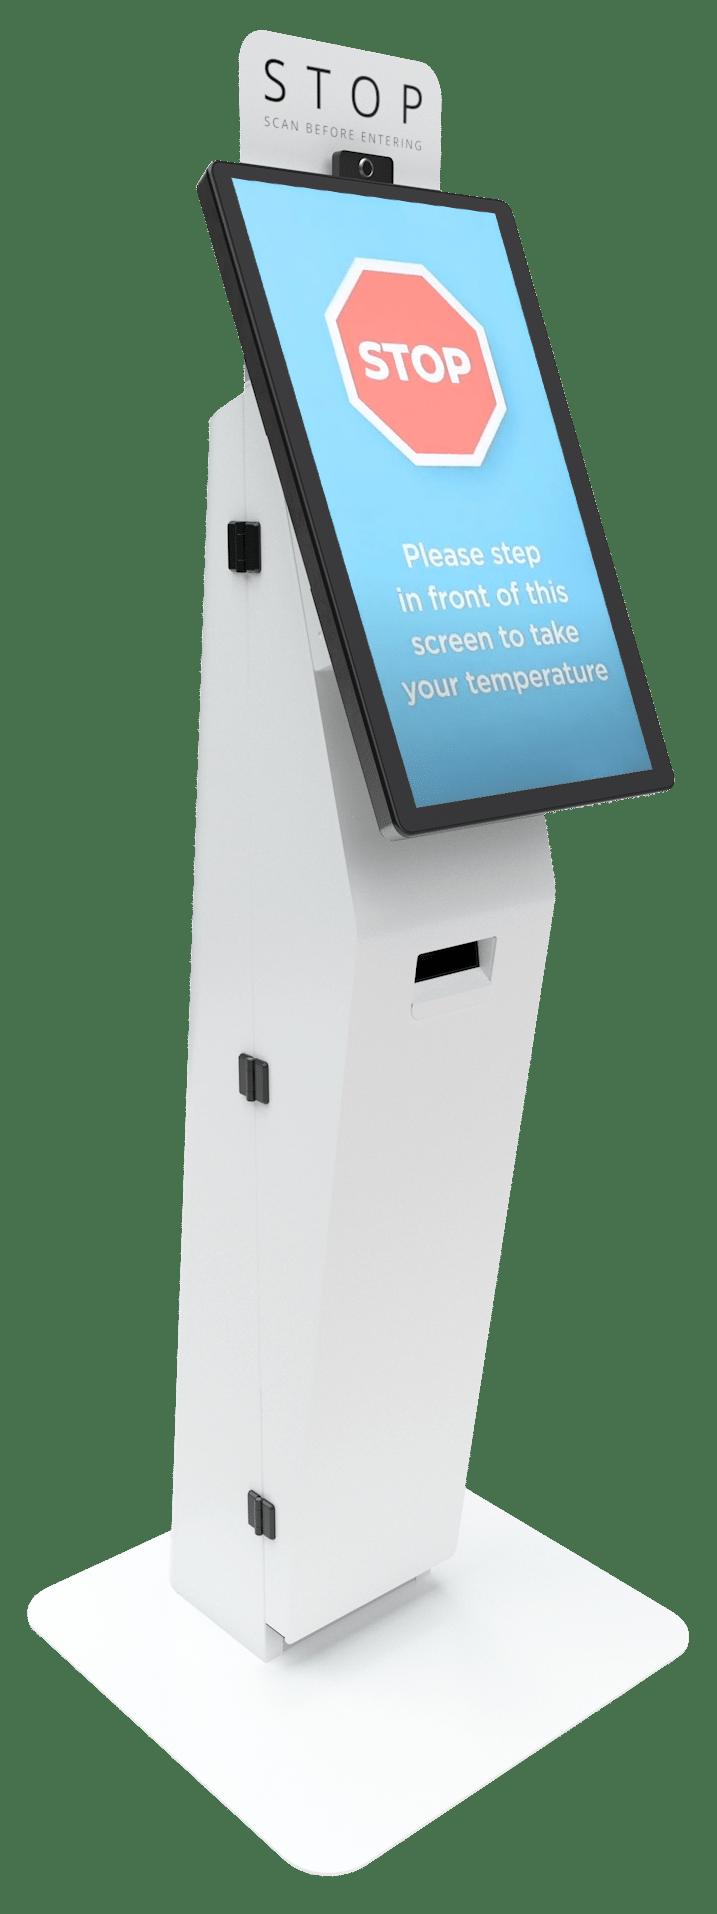 Austin_FSP_TempScreen_stop_2020